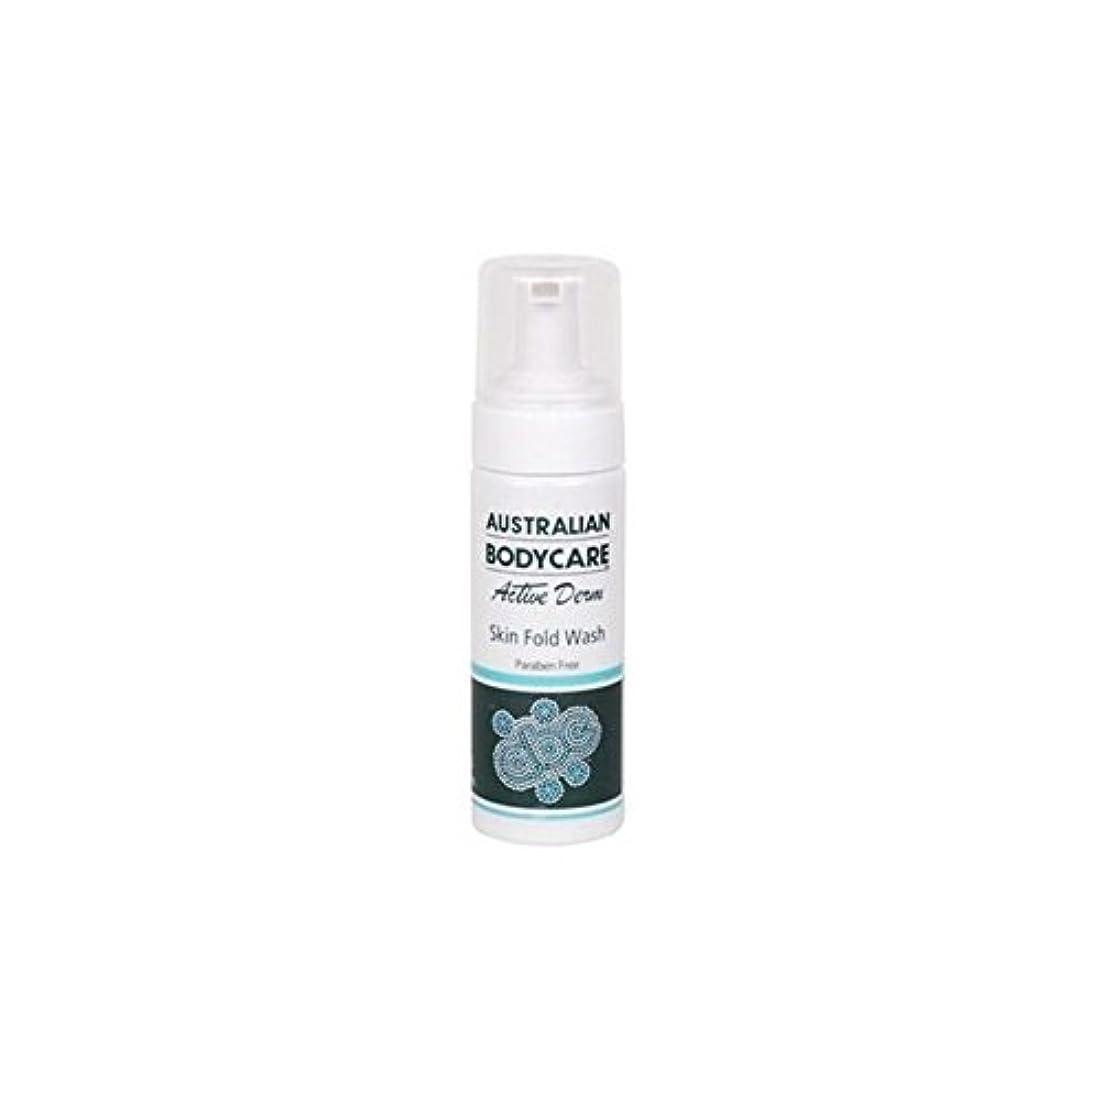 賛辞礼儀ビジュアルAustralian Bodycare Active Derm Skin Fold Wash (150ml) - オーストラリアのボディケアアクティブダームの皮膚のひだの洗浄(150ミリリットル) [並行輸入品]